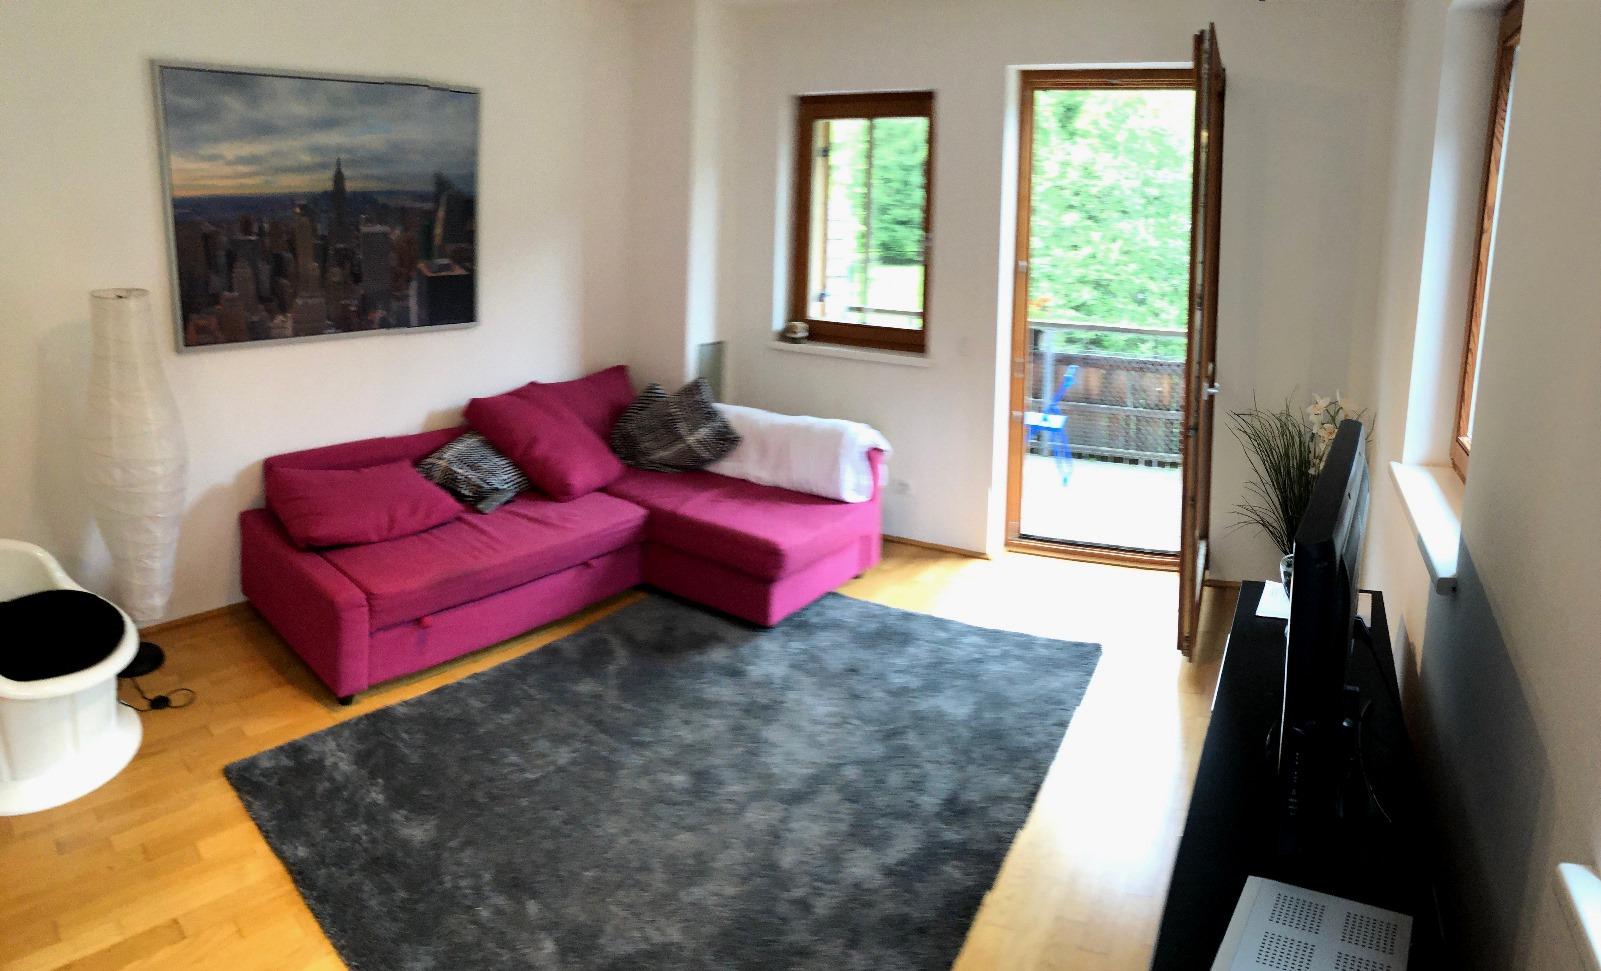 Bad Kleinkirchheim, Kaernten Wohnung (FIBA Top2) ueber 2 Etagen nahe Brunnachbahn St Oswald